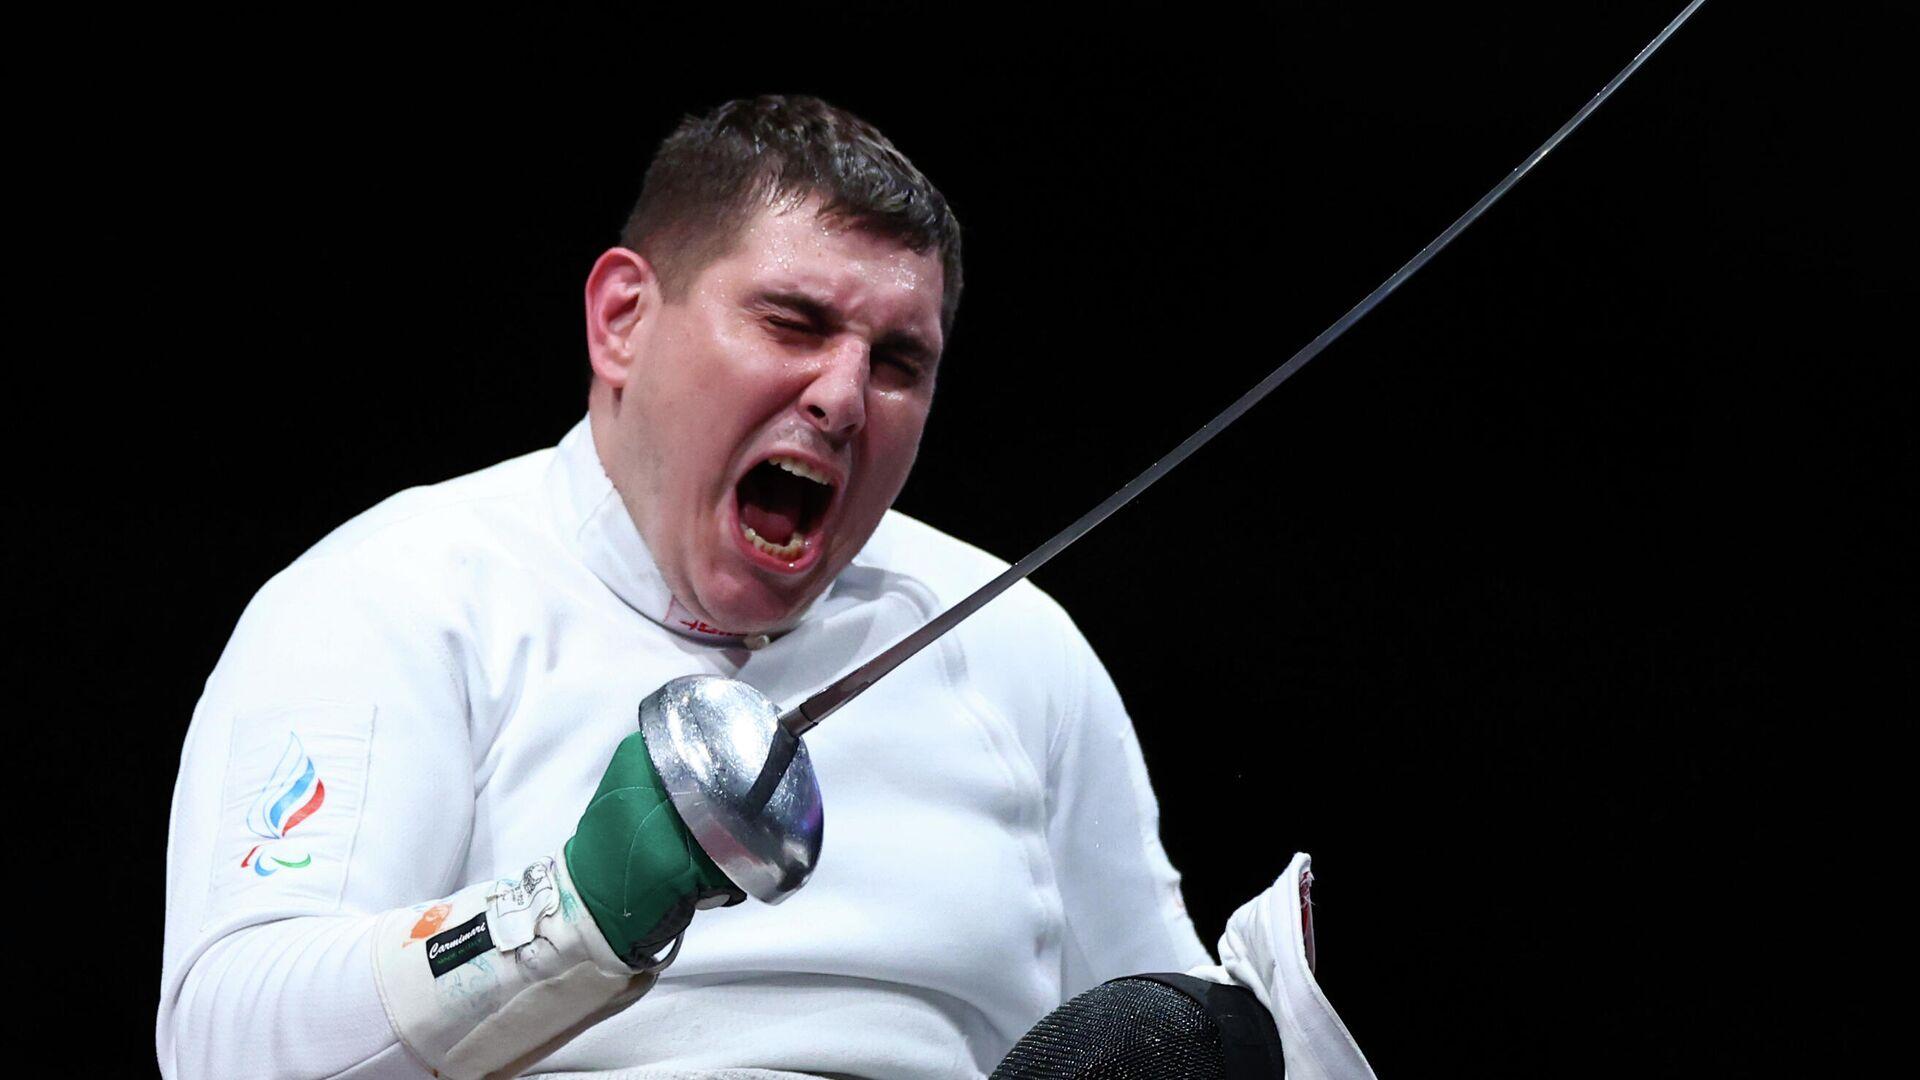 El atleta ruso Alexander Kuzyukov - Sputnik Mundo, 1920, 26.08.2021